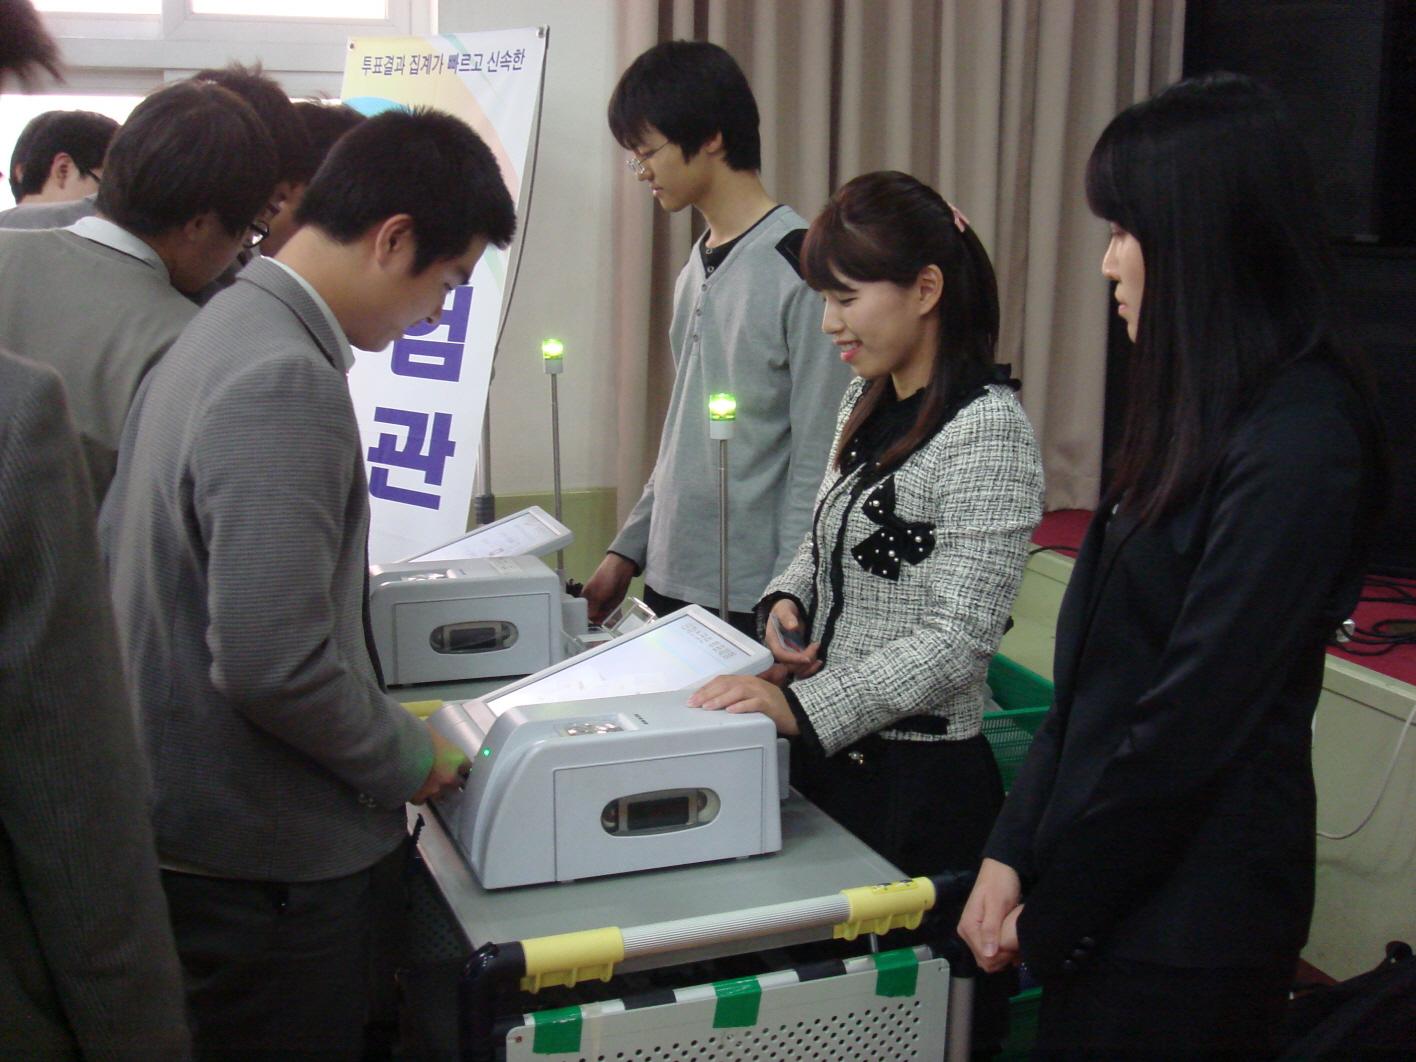 2009/11/6 '2009 청소년 선거교실' 첨부이미지